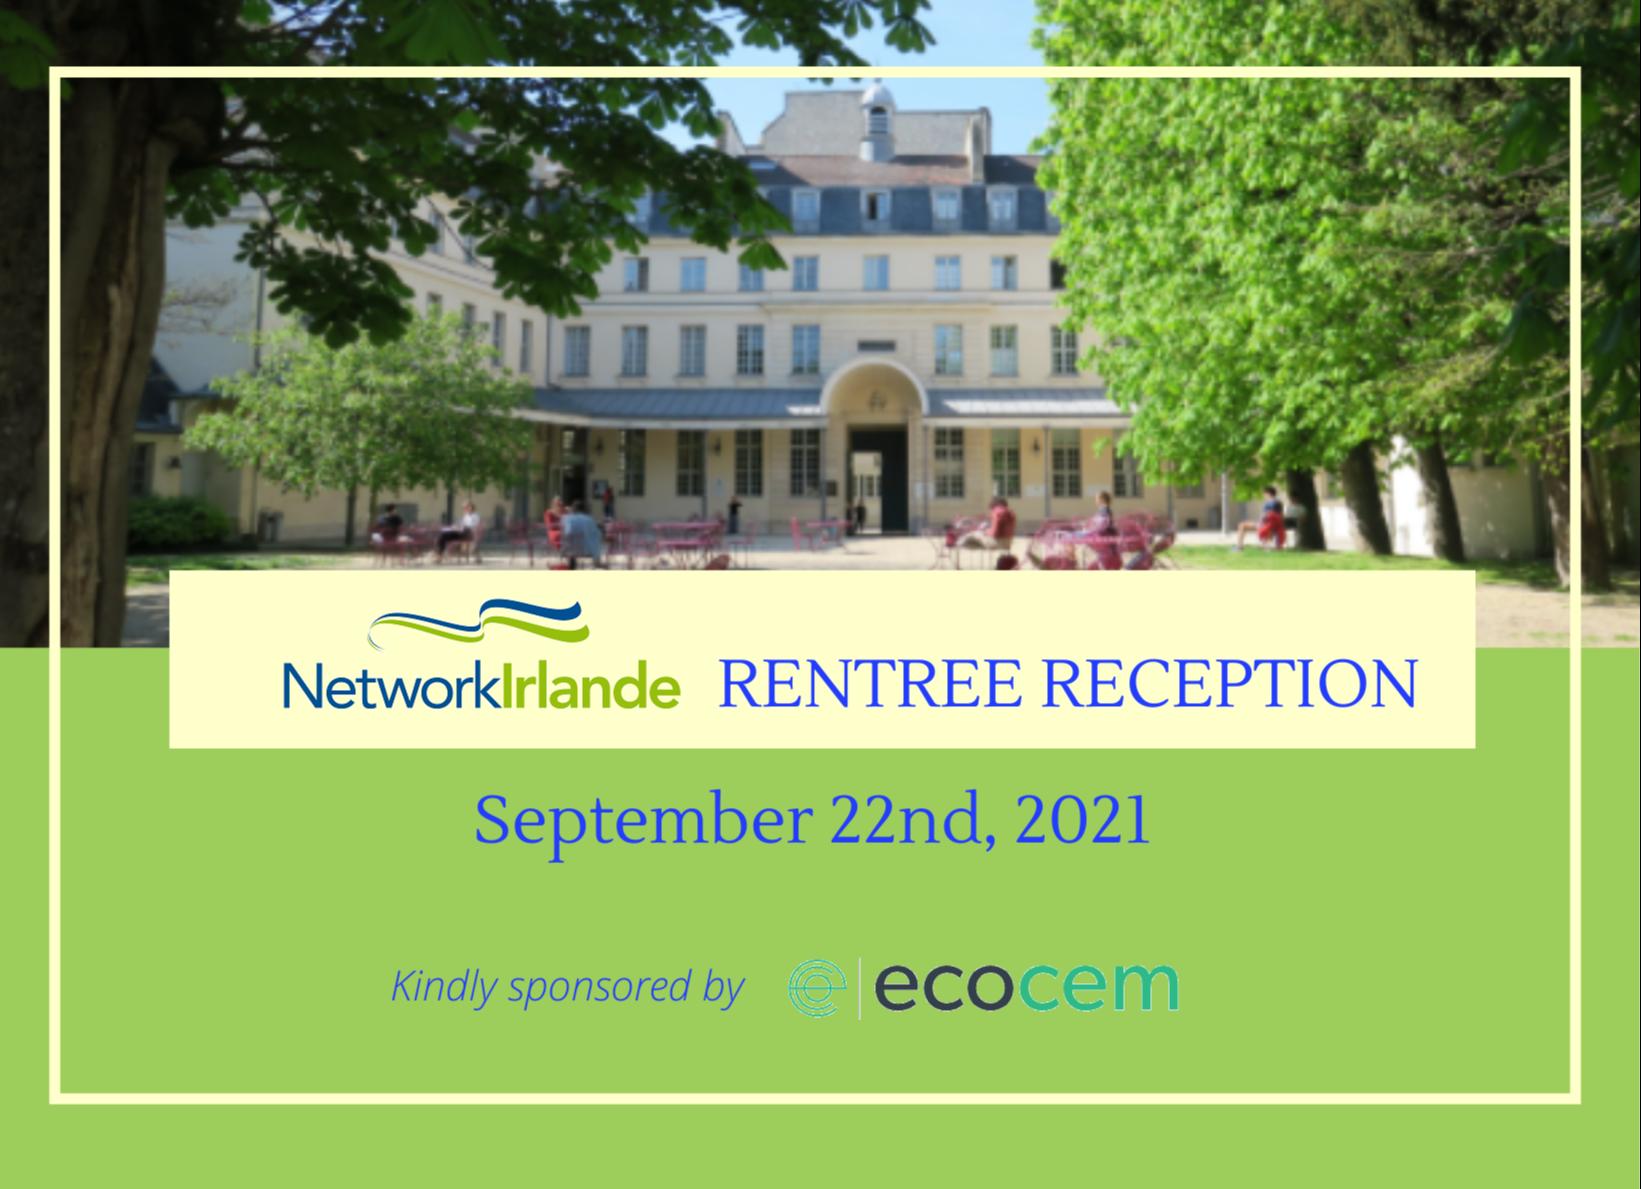 NetworkIrlande Rentrée Event